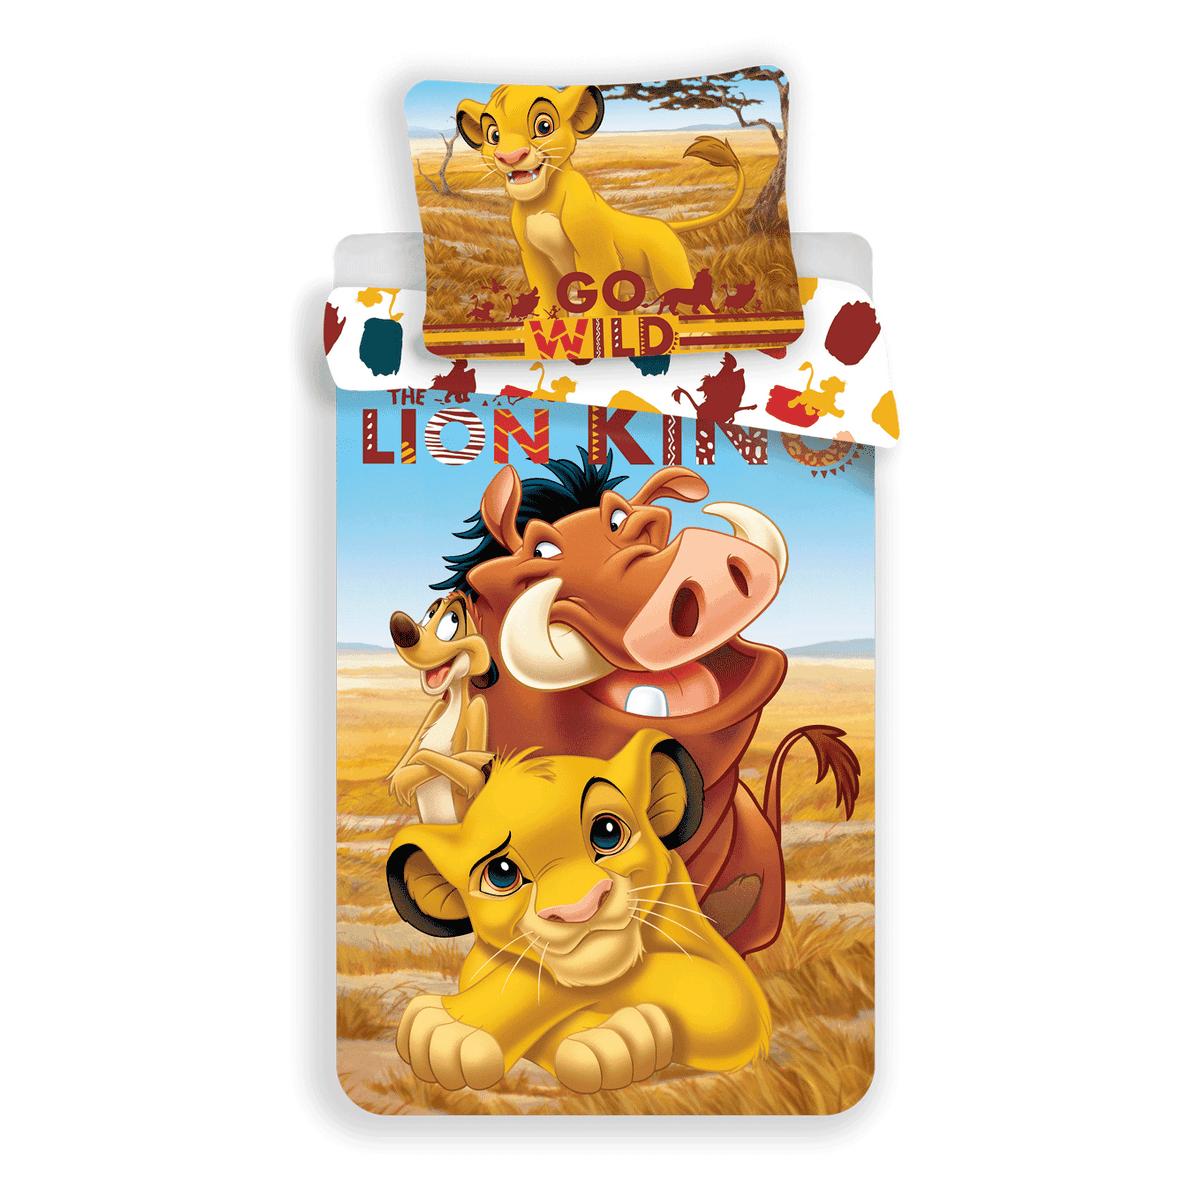 Jerry Fabrics Dětské bavlněné povlečení Lví Král Lion King, 140 x 200 cm, 70 x 90 cm